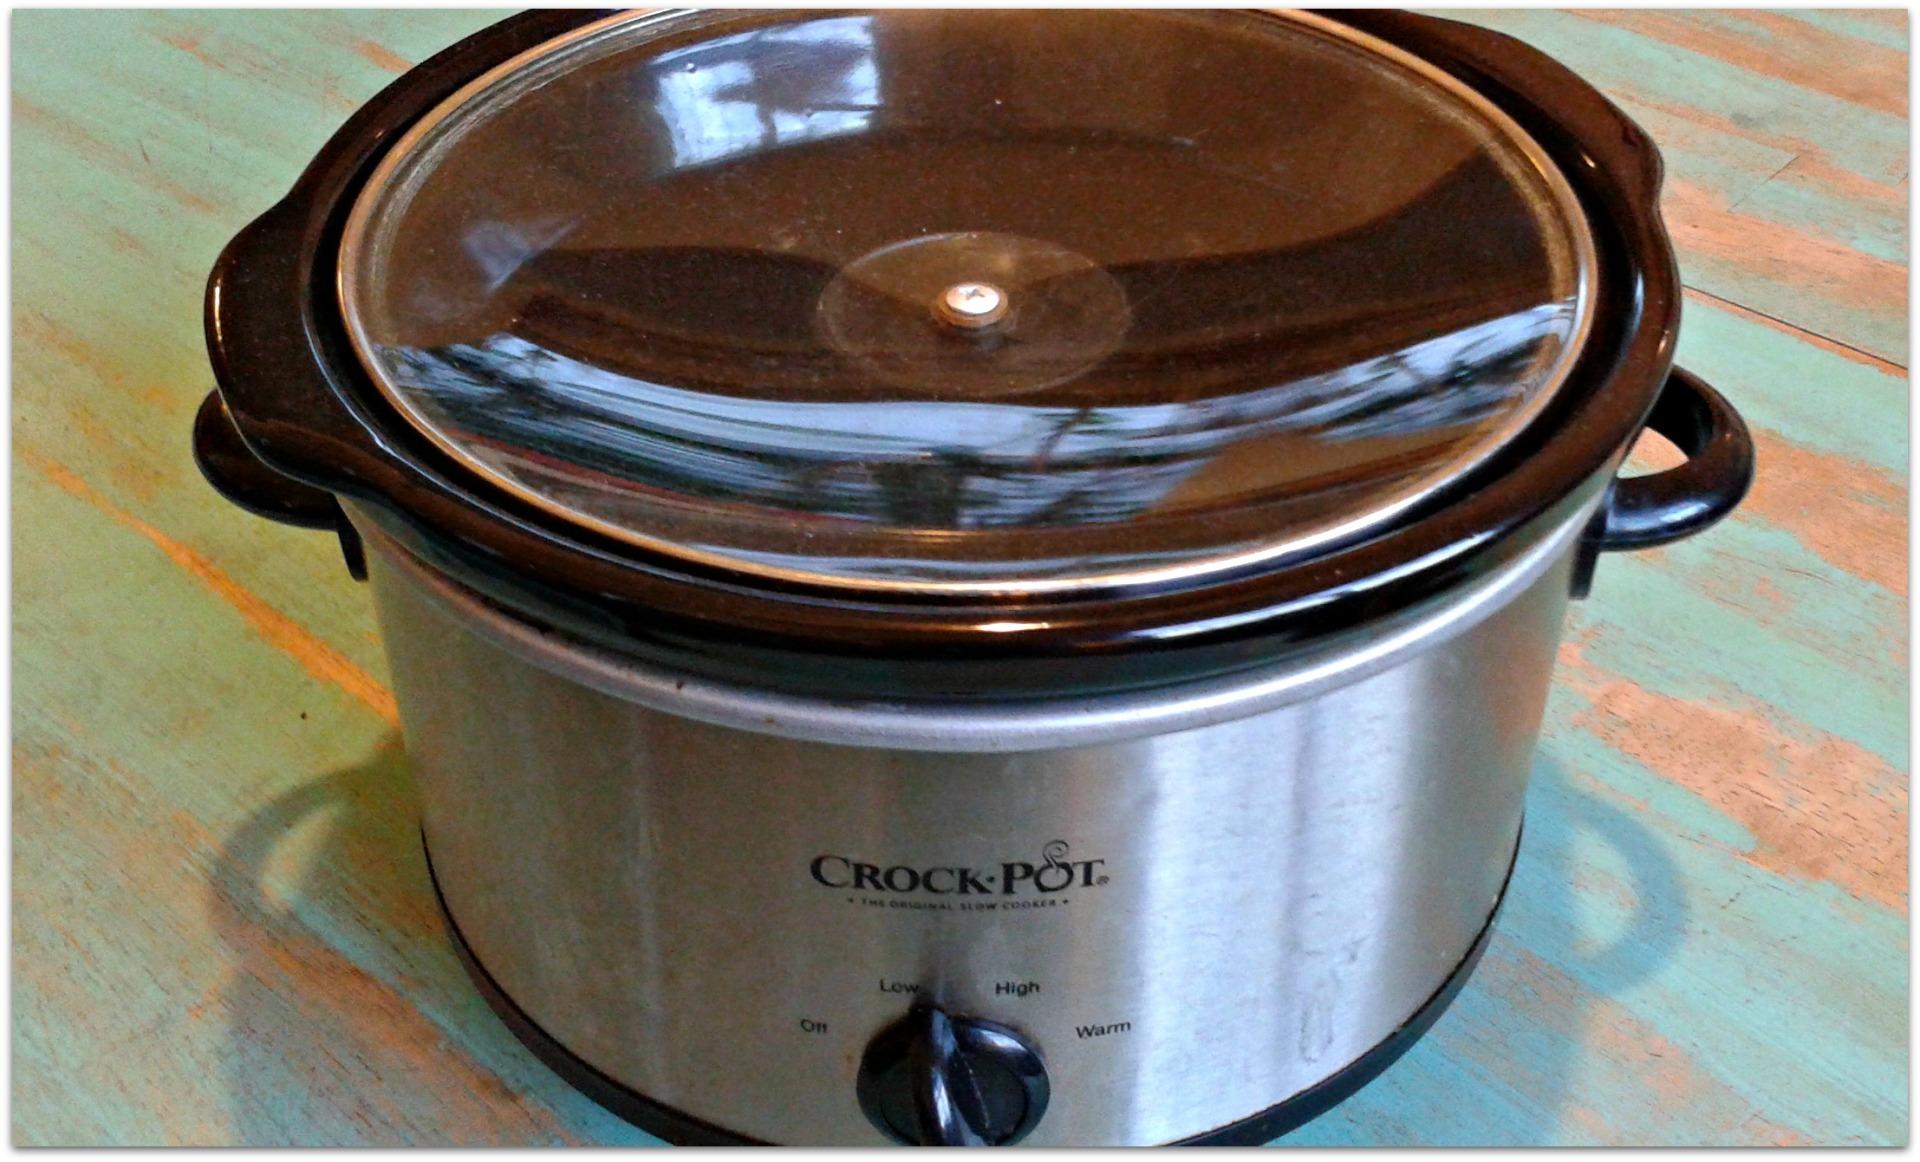 broken crock pot